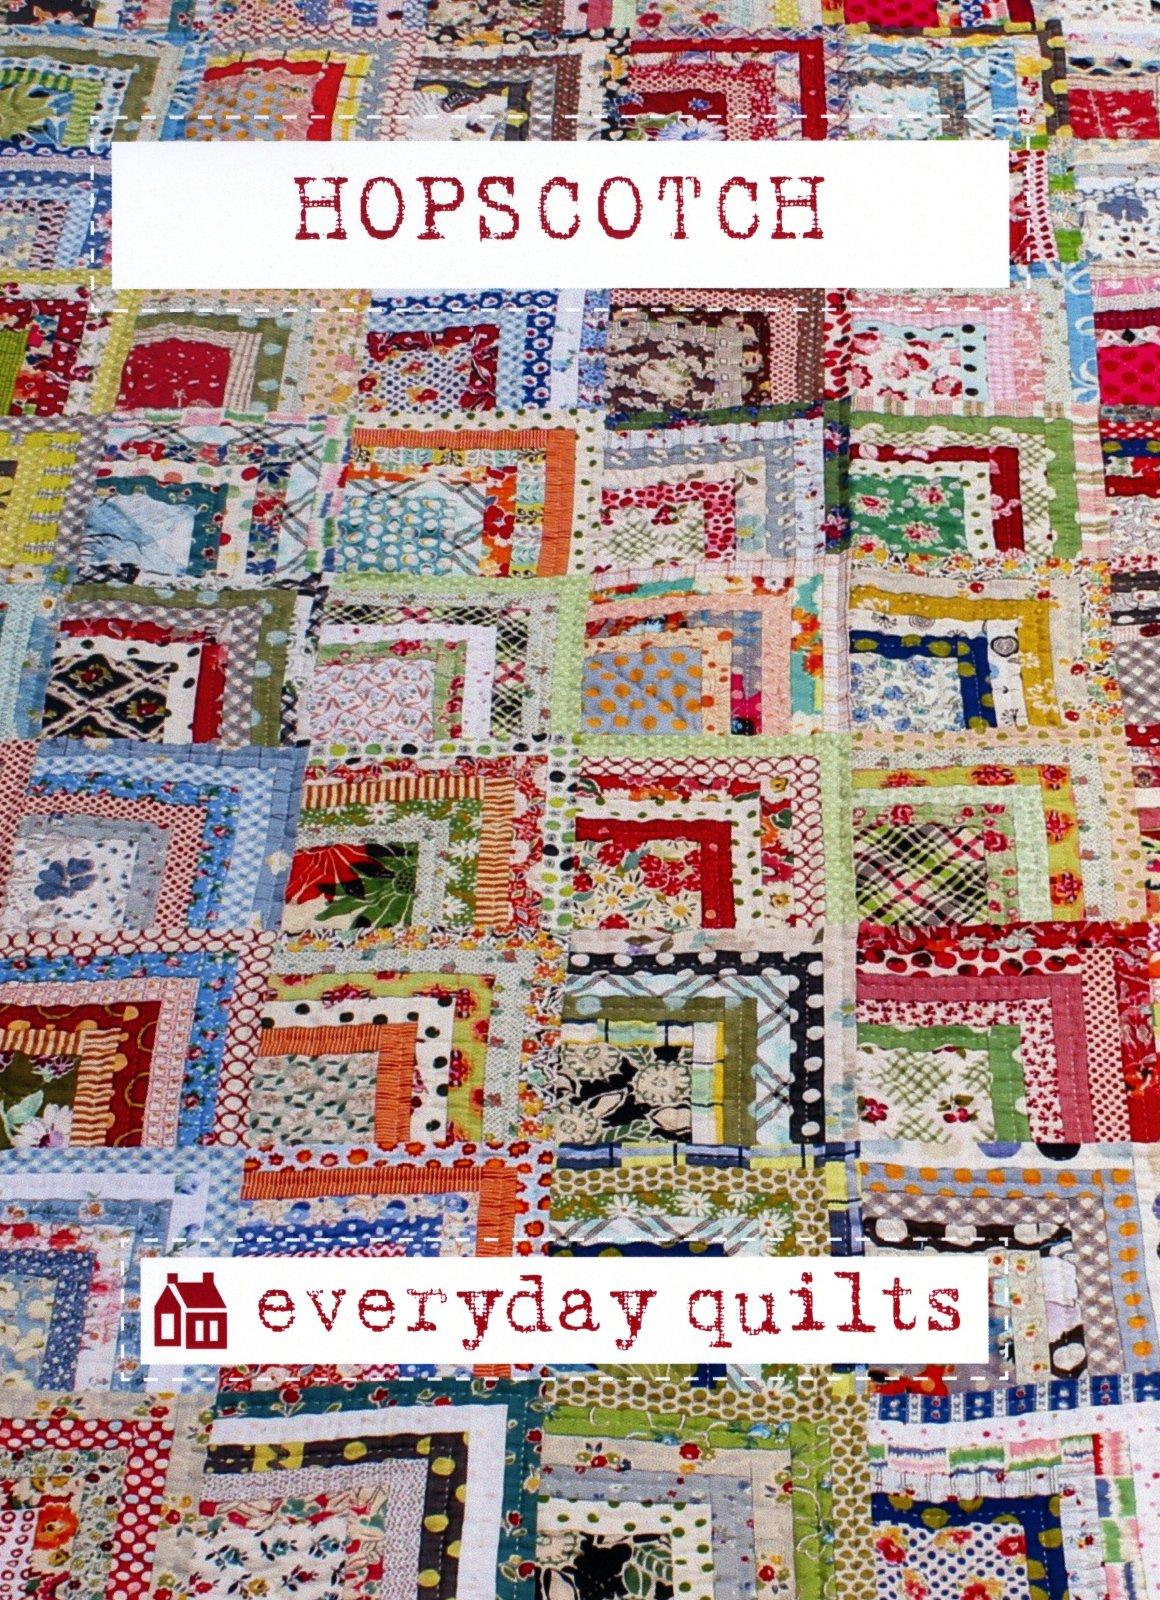 Sandra Boyle - Everyday Quilts - Hopscotch